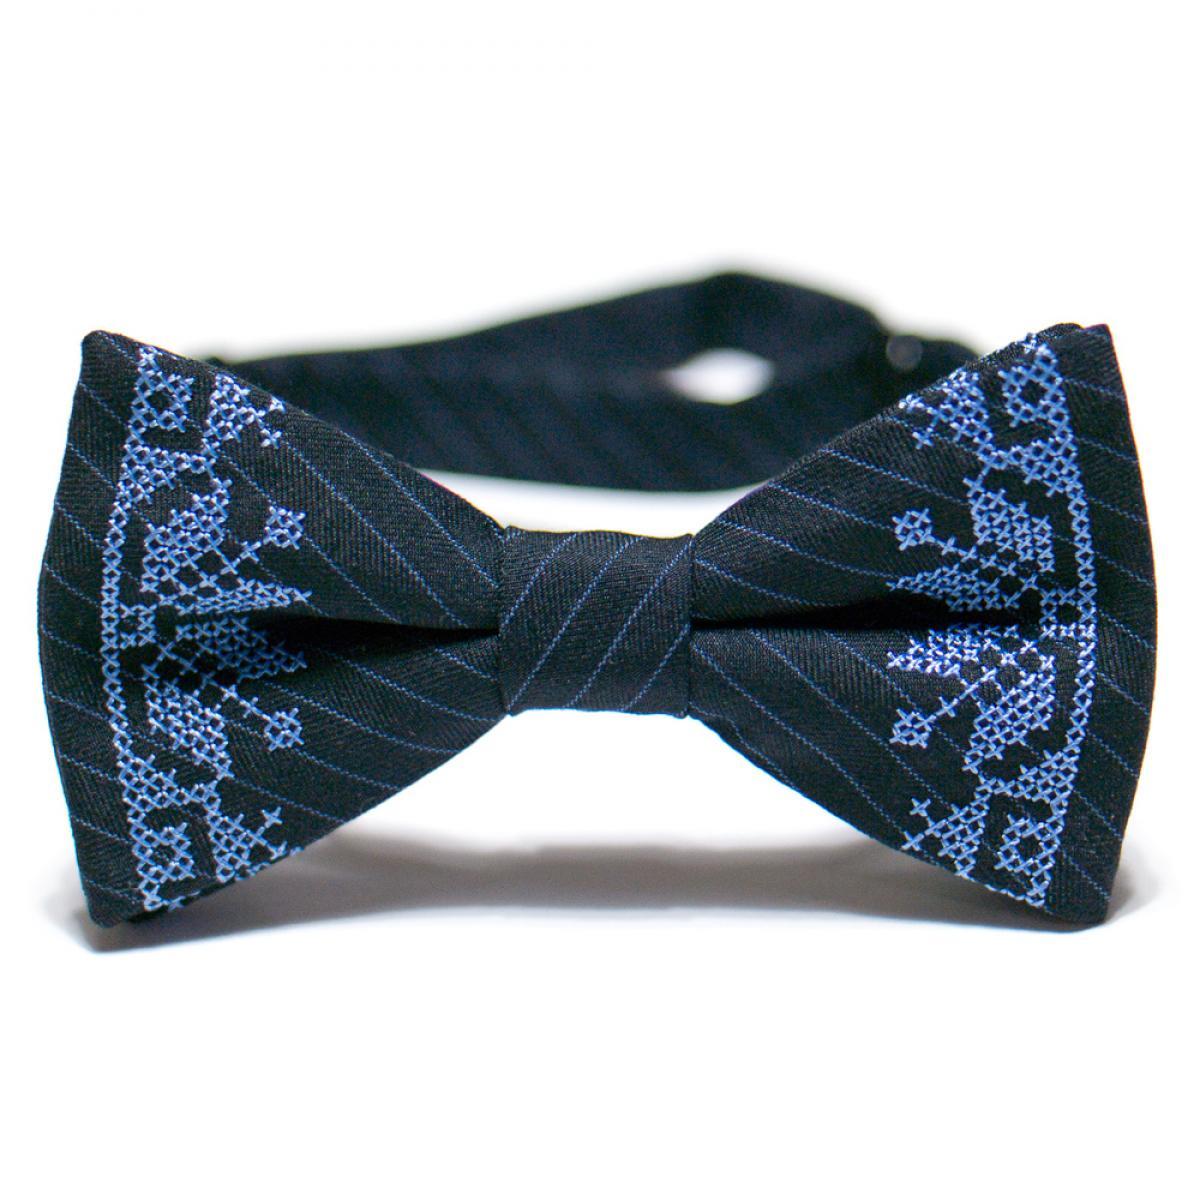 Вишитий метелик синього кольору з костюмної тканини. Фото №1. | Народний дім Україна